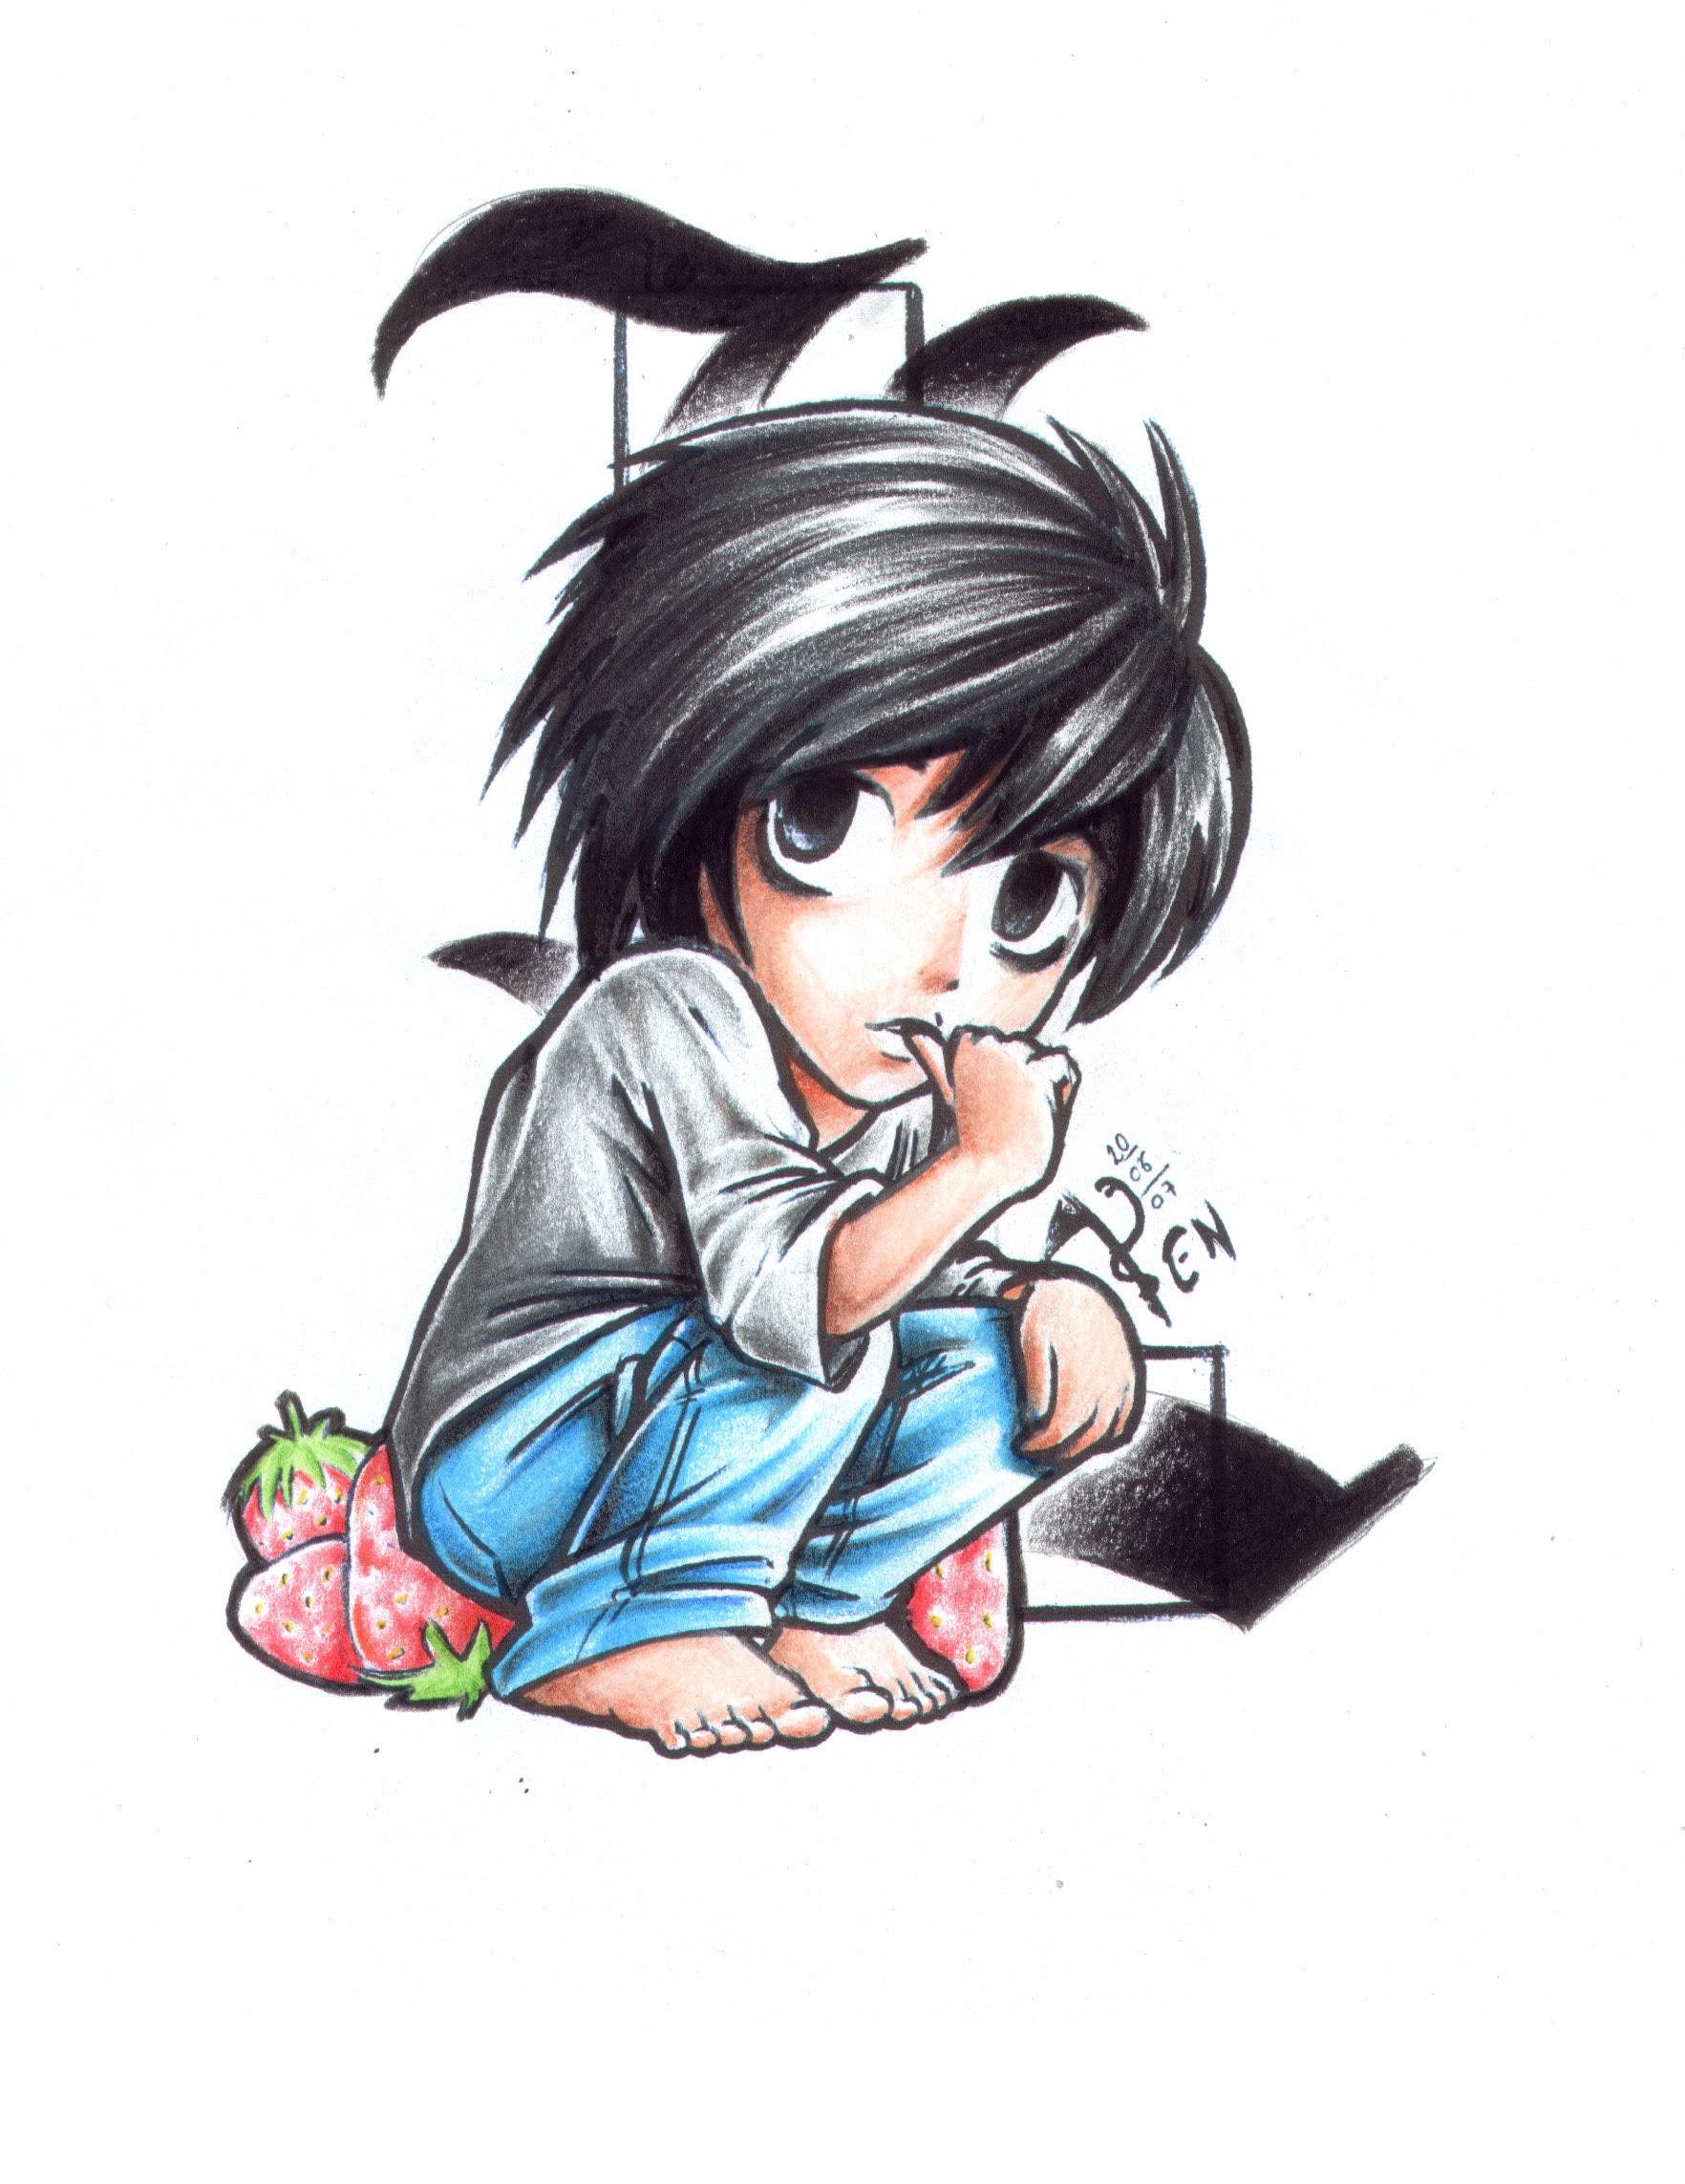 Death Note Death Note Fan Art 5783241 Fanpop